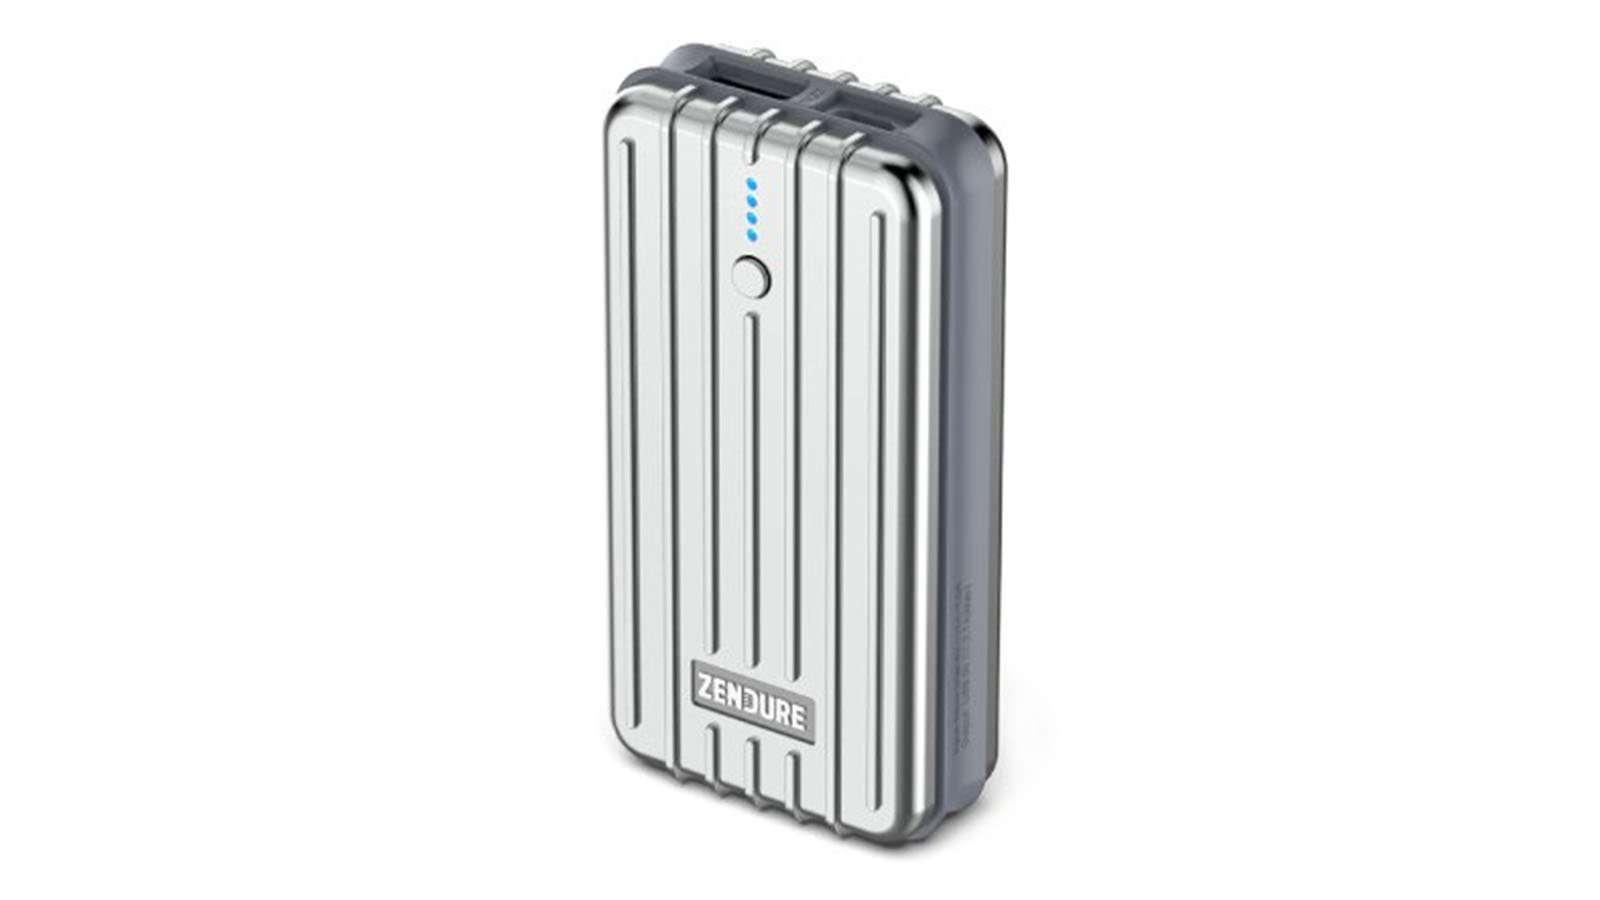 Power Bank Xiaomi Slim 99000mah Merah Muda Daftar Harga Terkini Powerbank Stainless Source Best Zendure